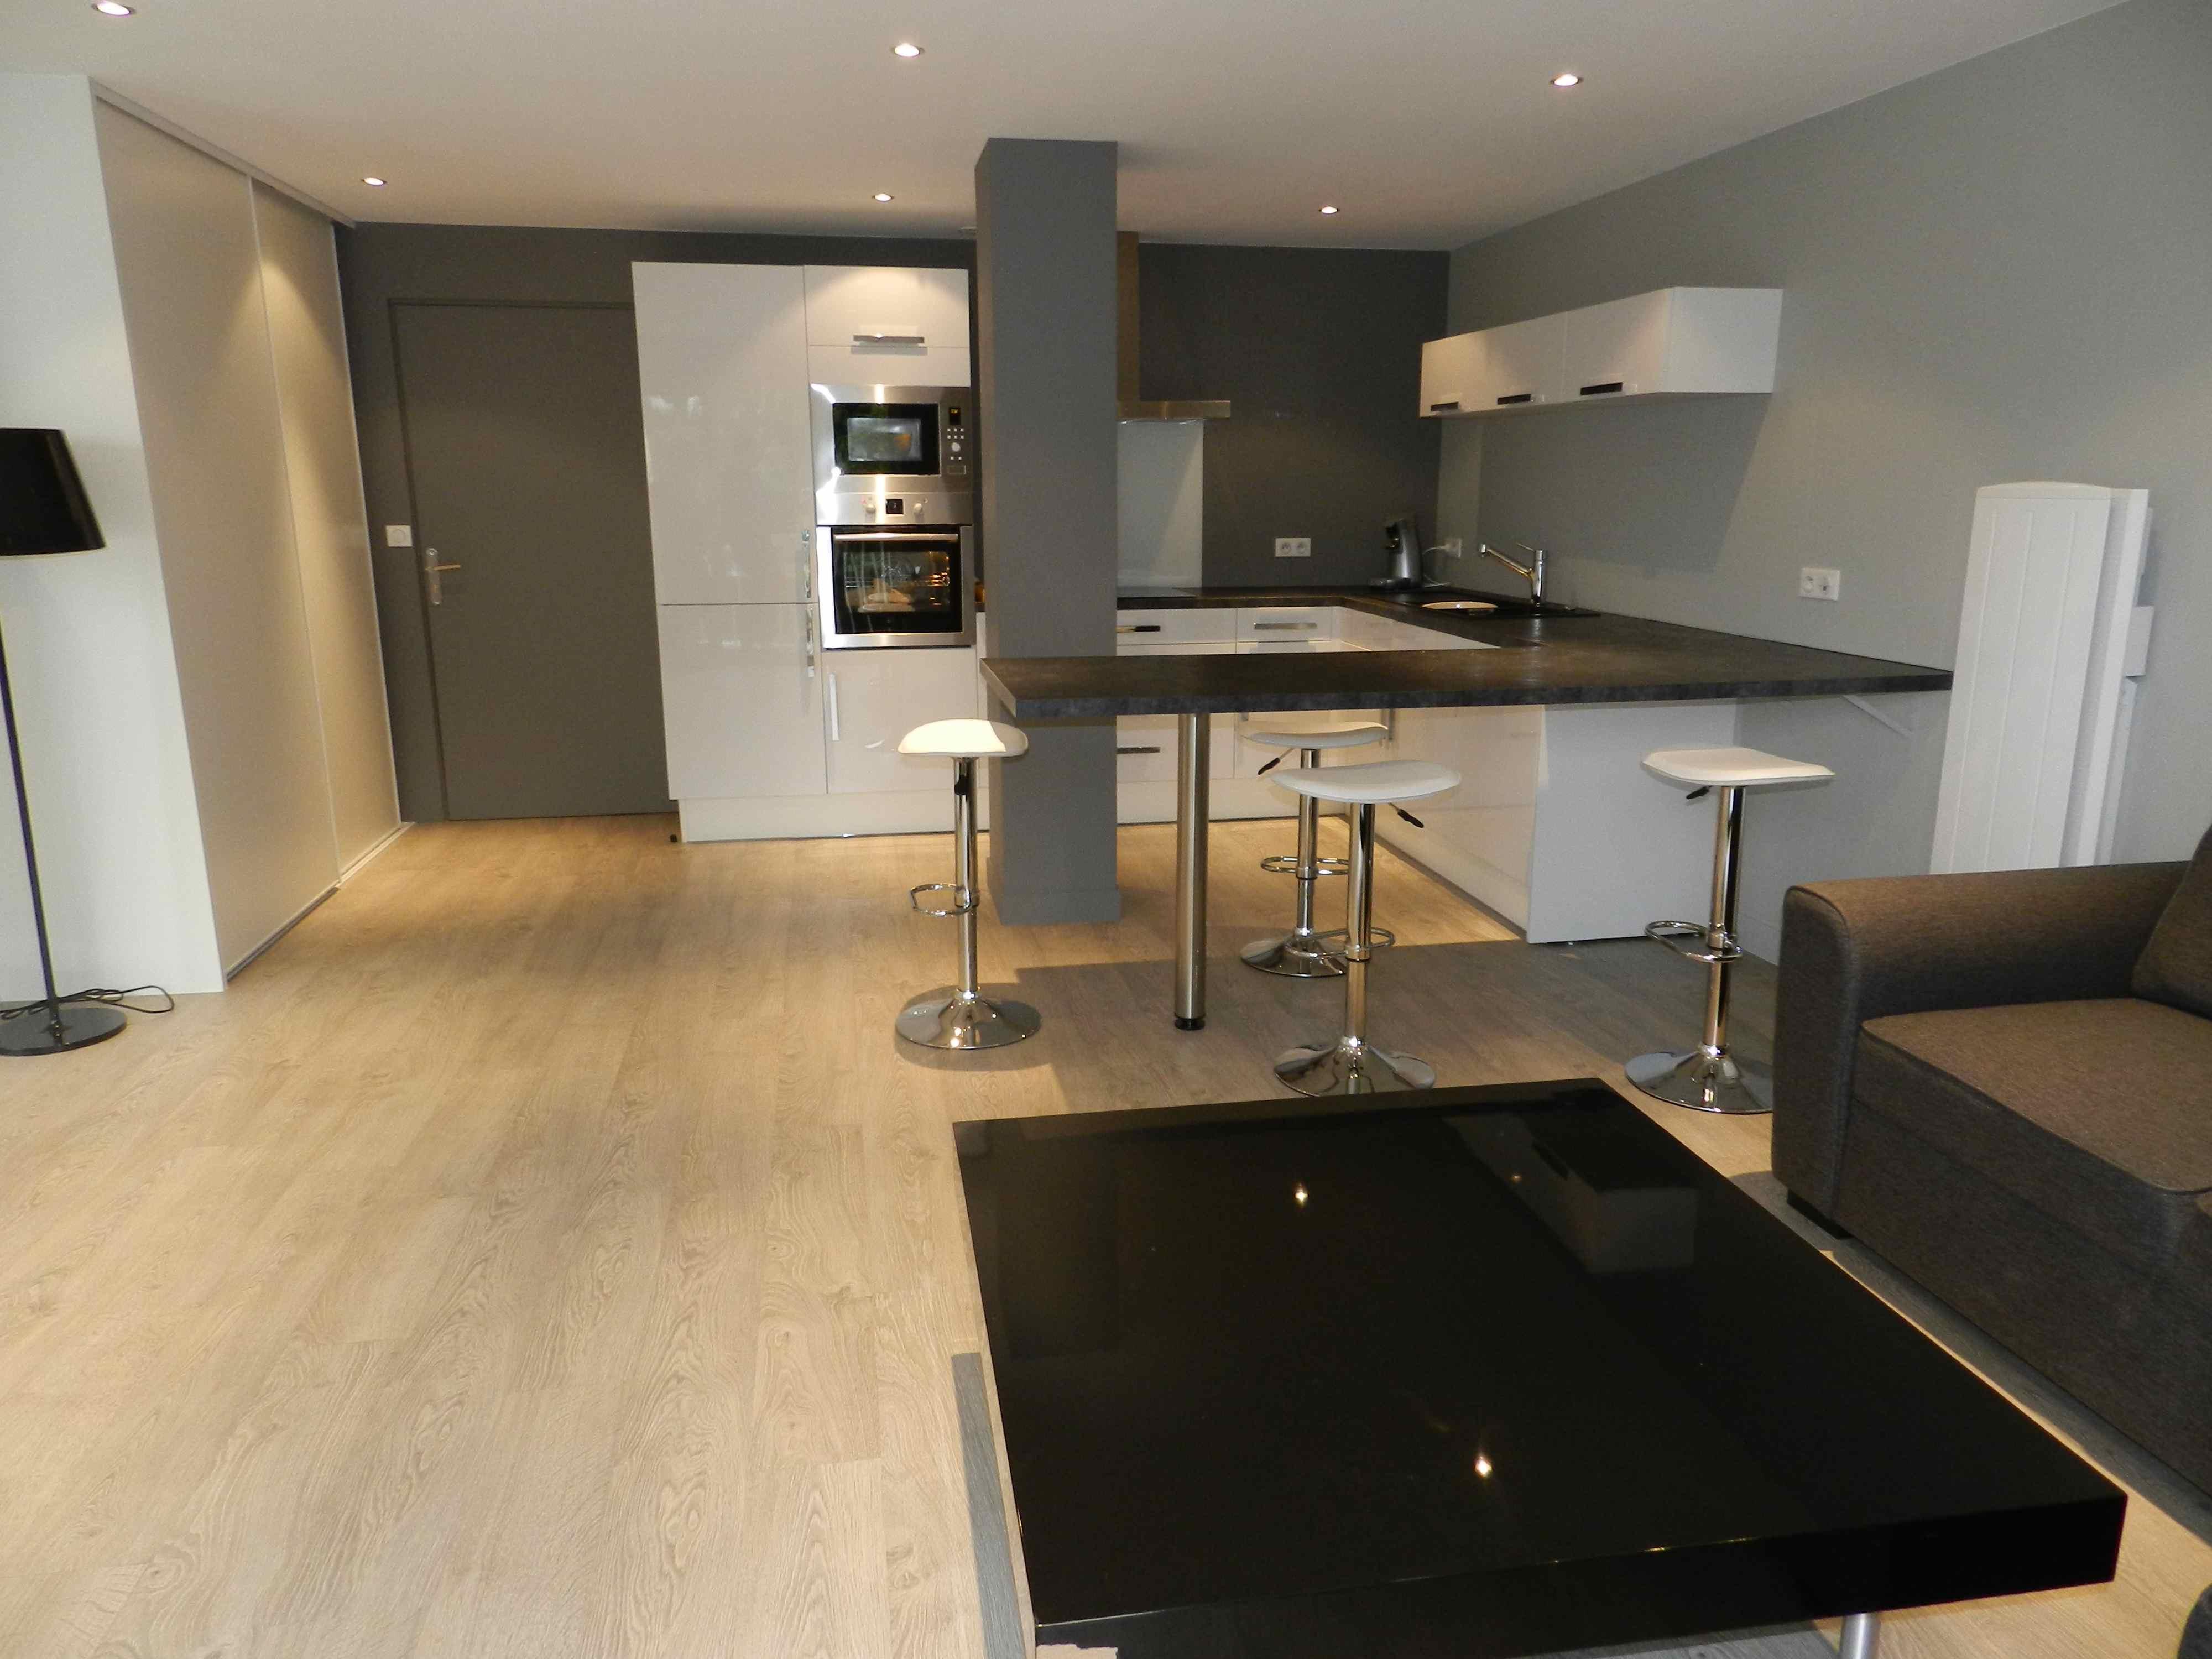 Onwijs Home Staging ou Mise en valeur immobilière pour cet appartement PQ-29